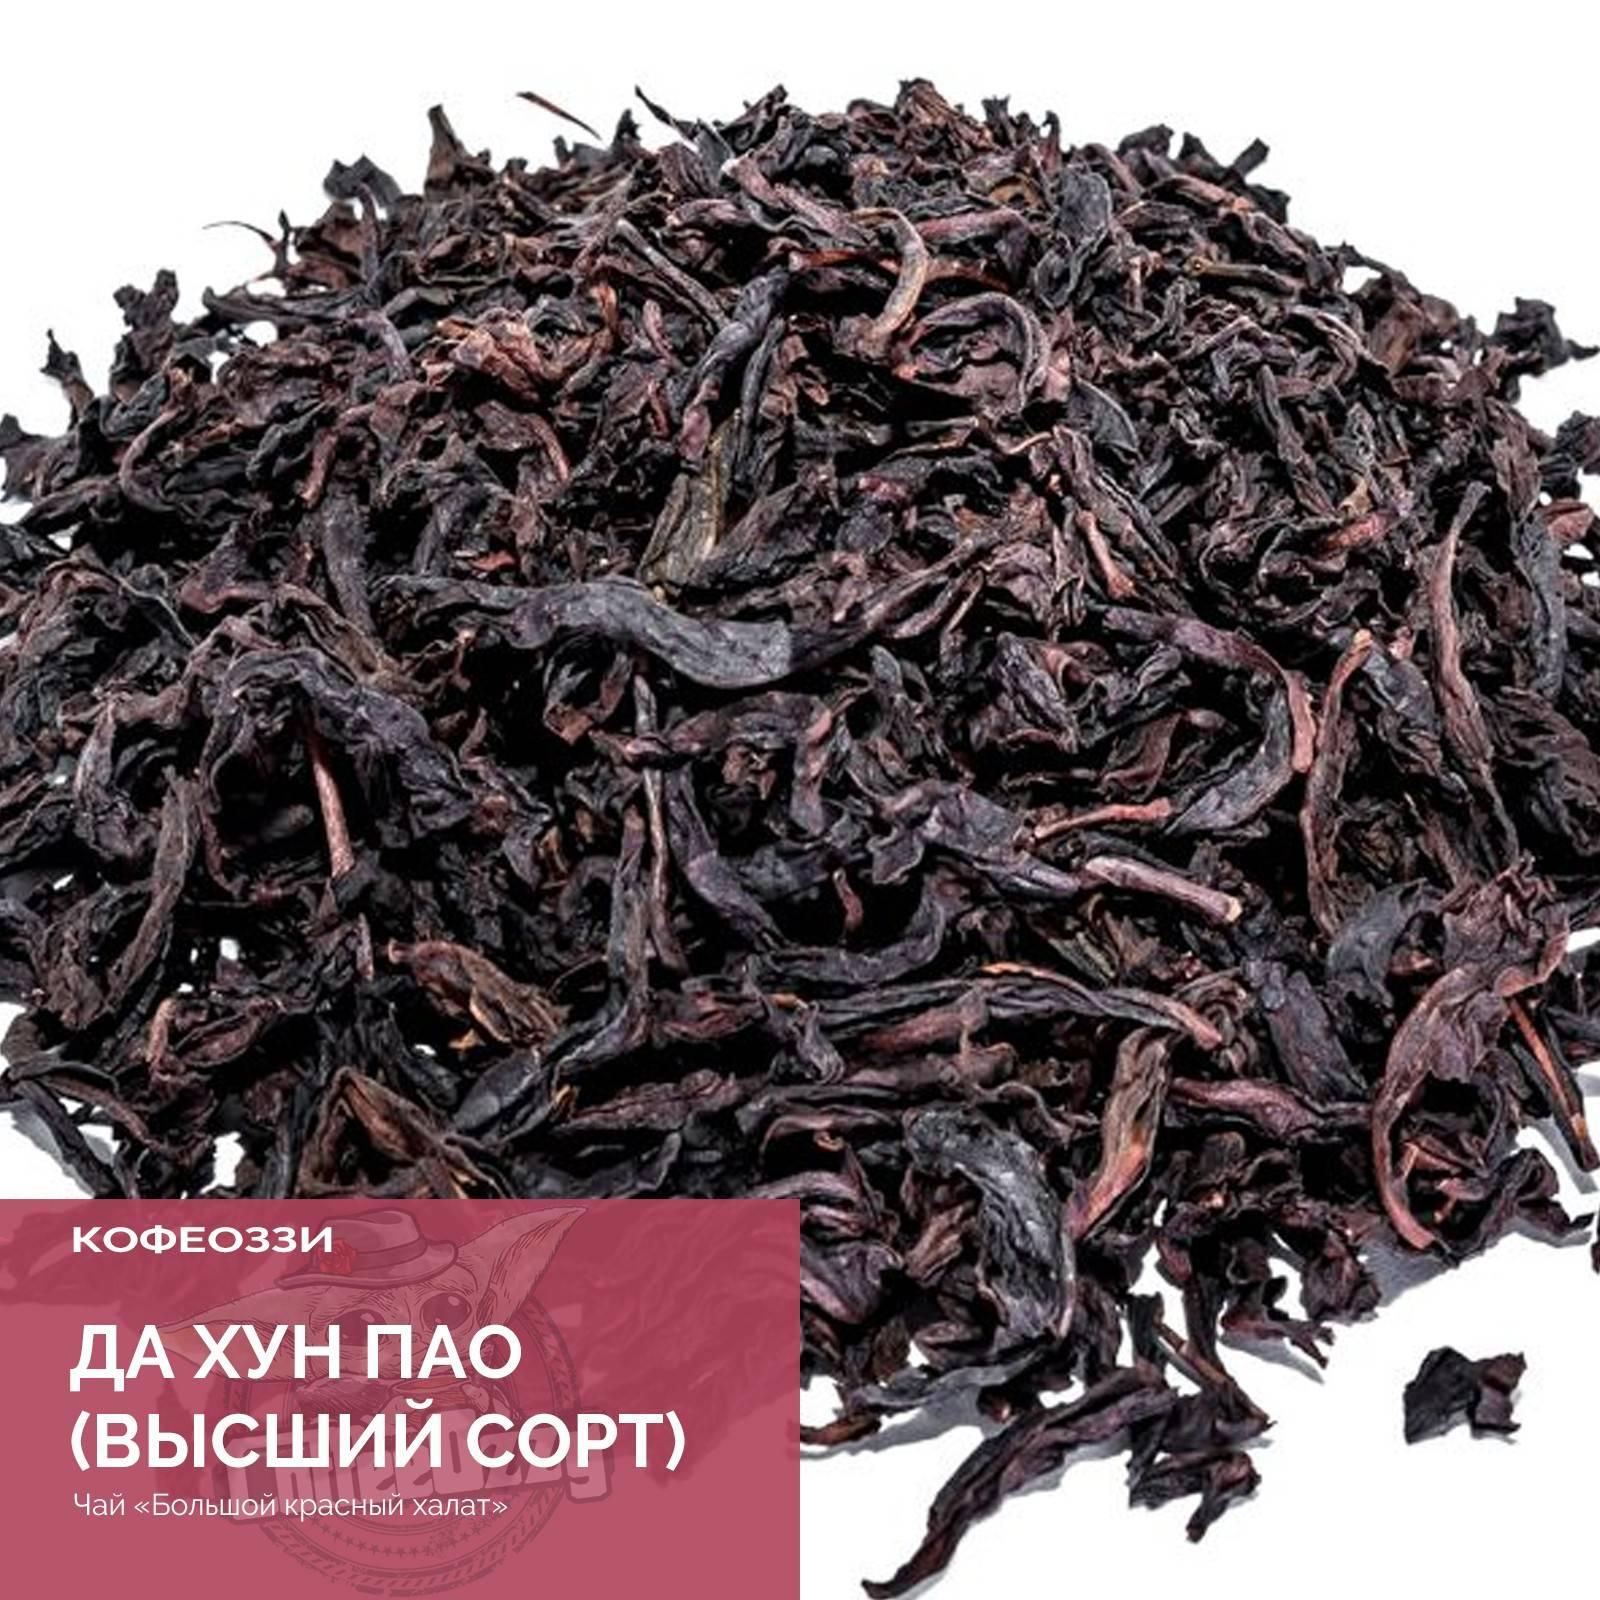 Да хун пао: как заваривать благородный чай правильно